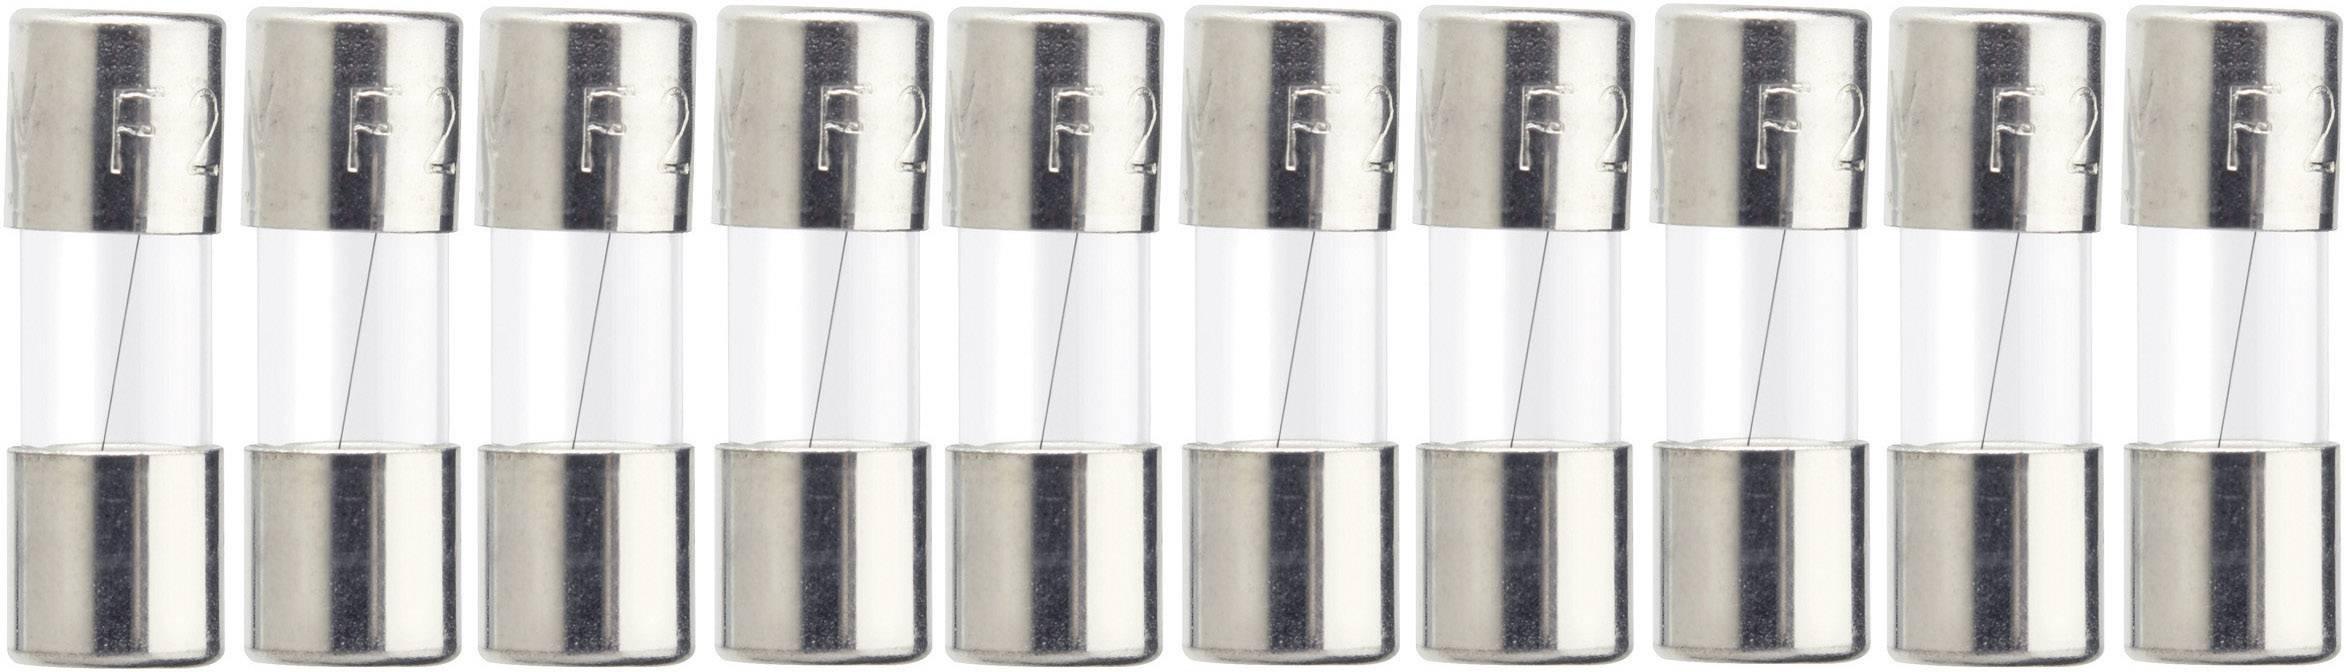 Jemná poistka ESKA 515621, 2.5 A, 250 V, (Ø x d) 5 mm x 15 mm, rýchly -F-, 10 ks